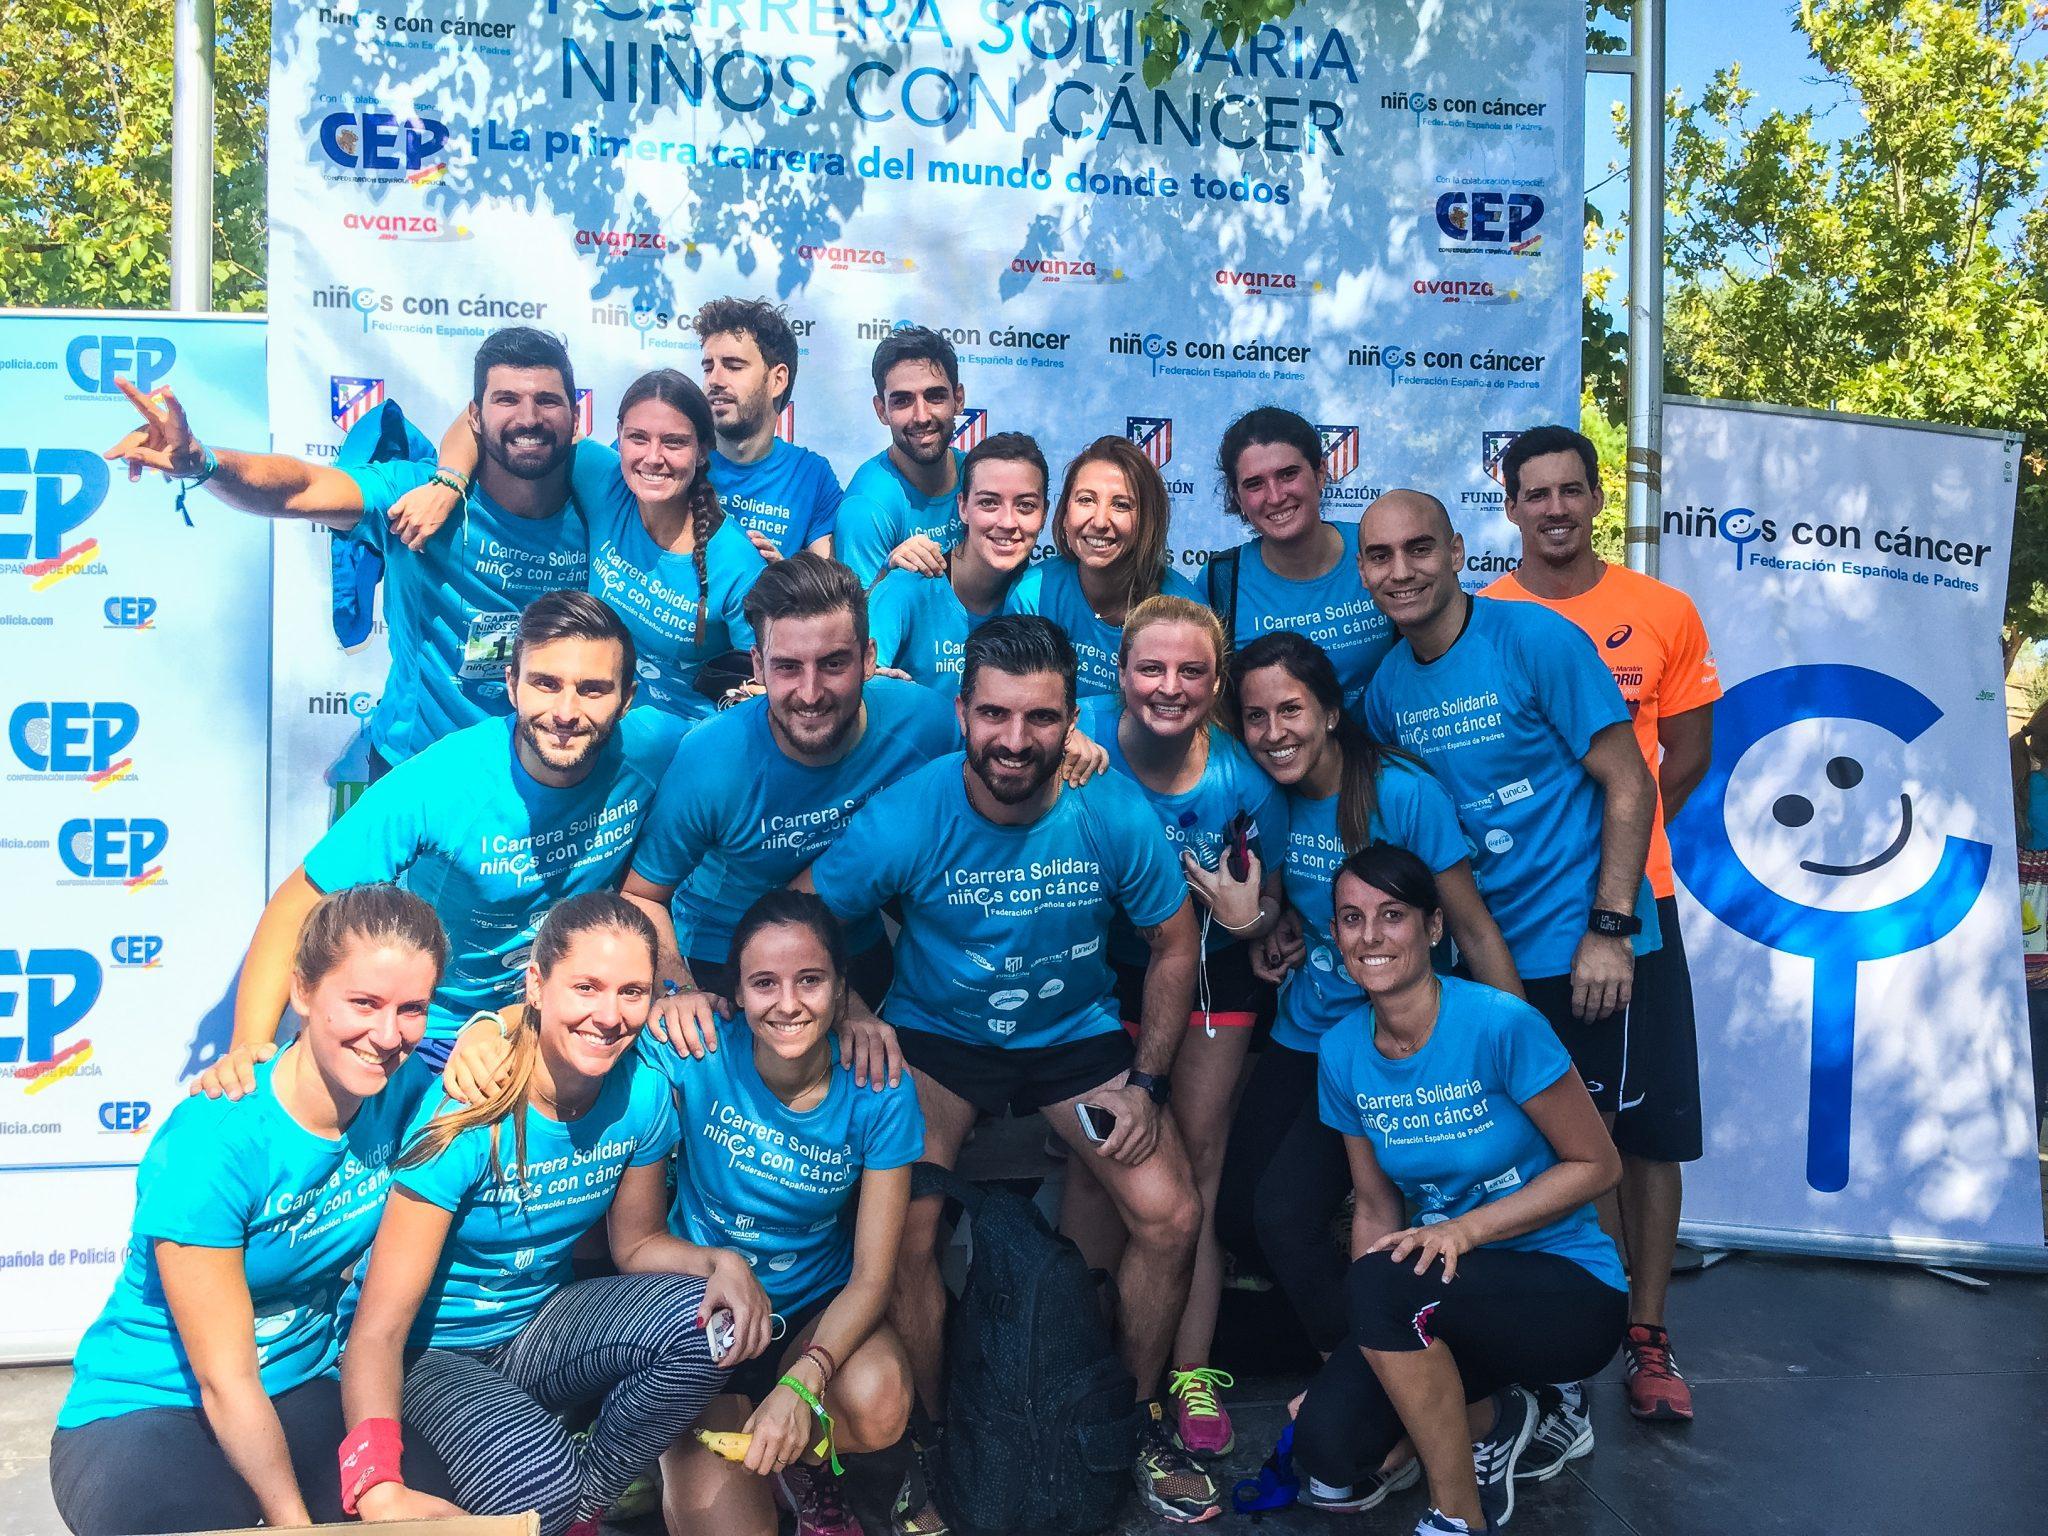 CARRERA NINOS CON CANCER TOOS - Sweat4Success